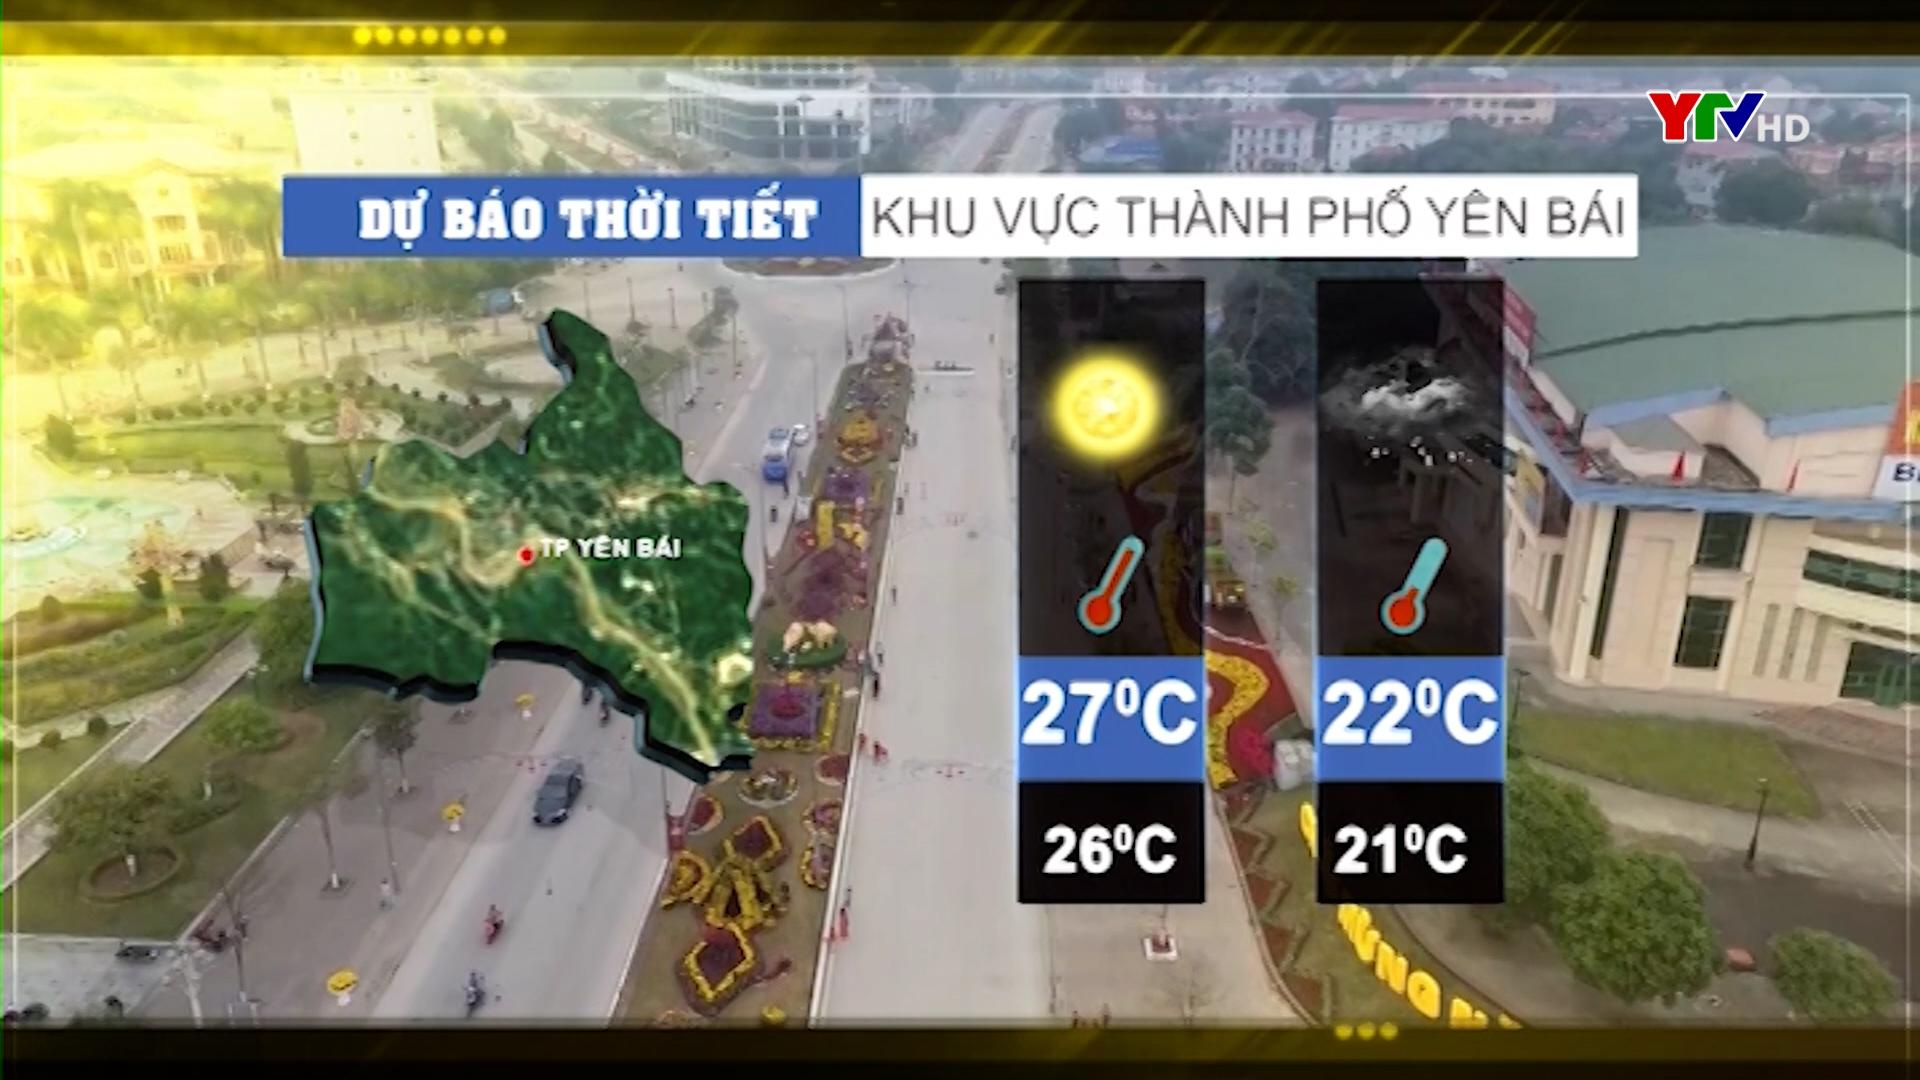 Dự báo thời tiết ngày 18 tháng 4 năm 2021